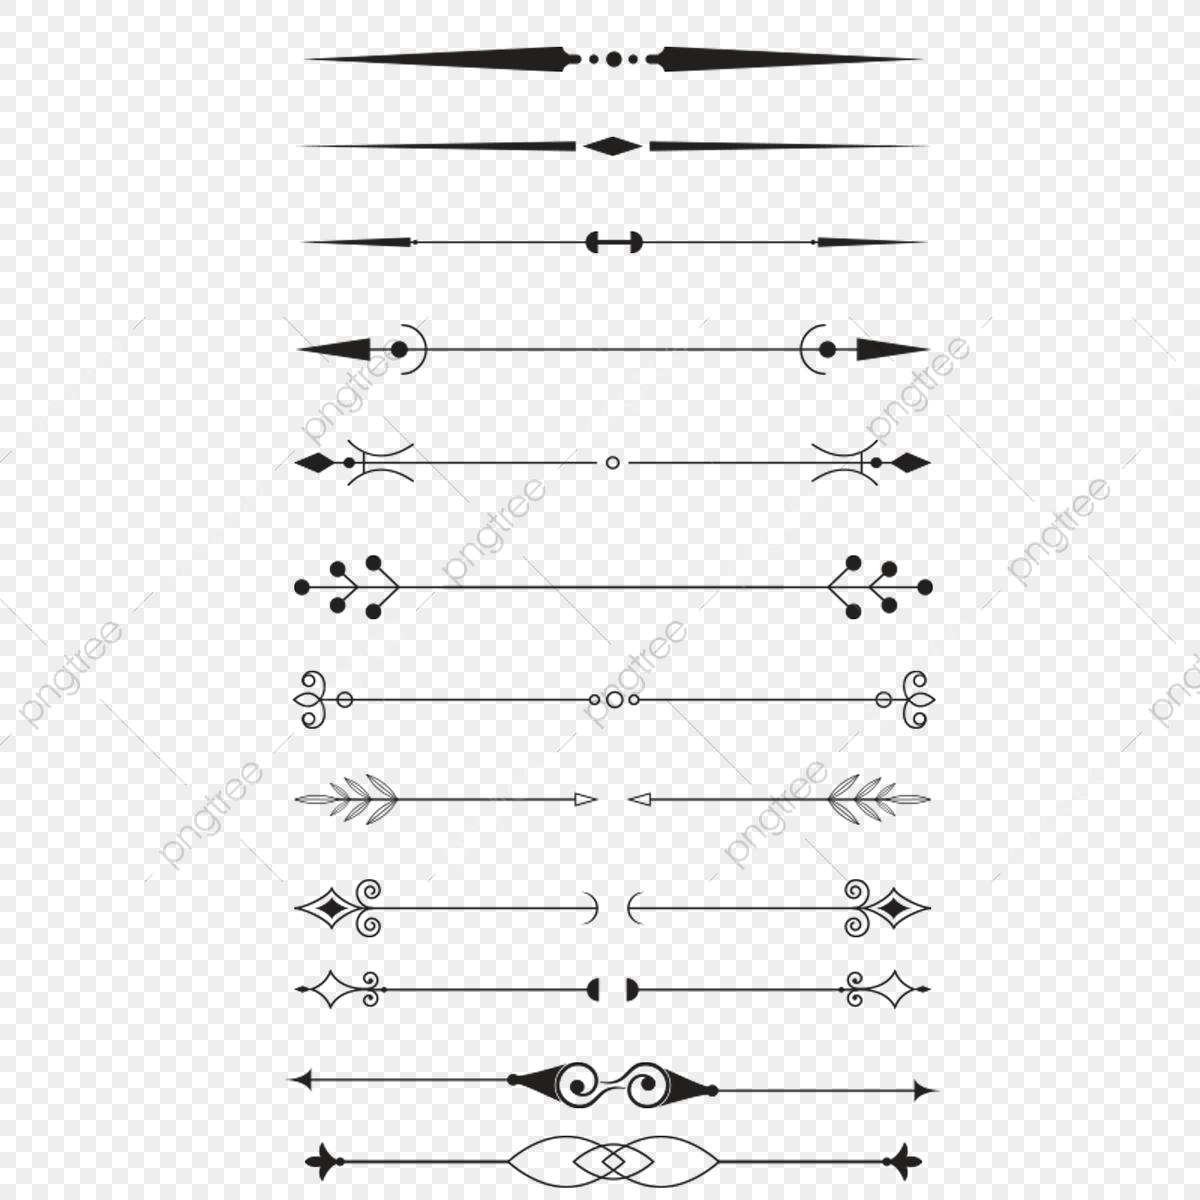 Ornate Divider, Divider, Line, Border PNG Transparent Clipart Image.